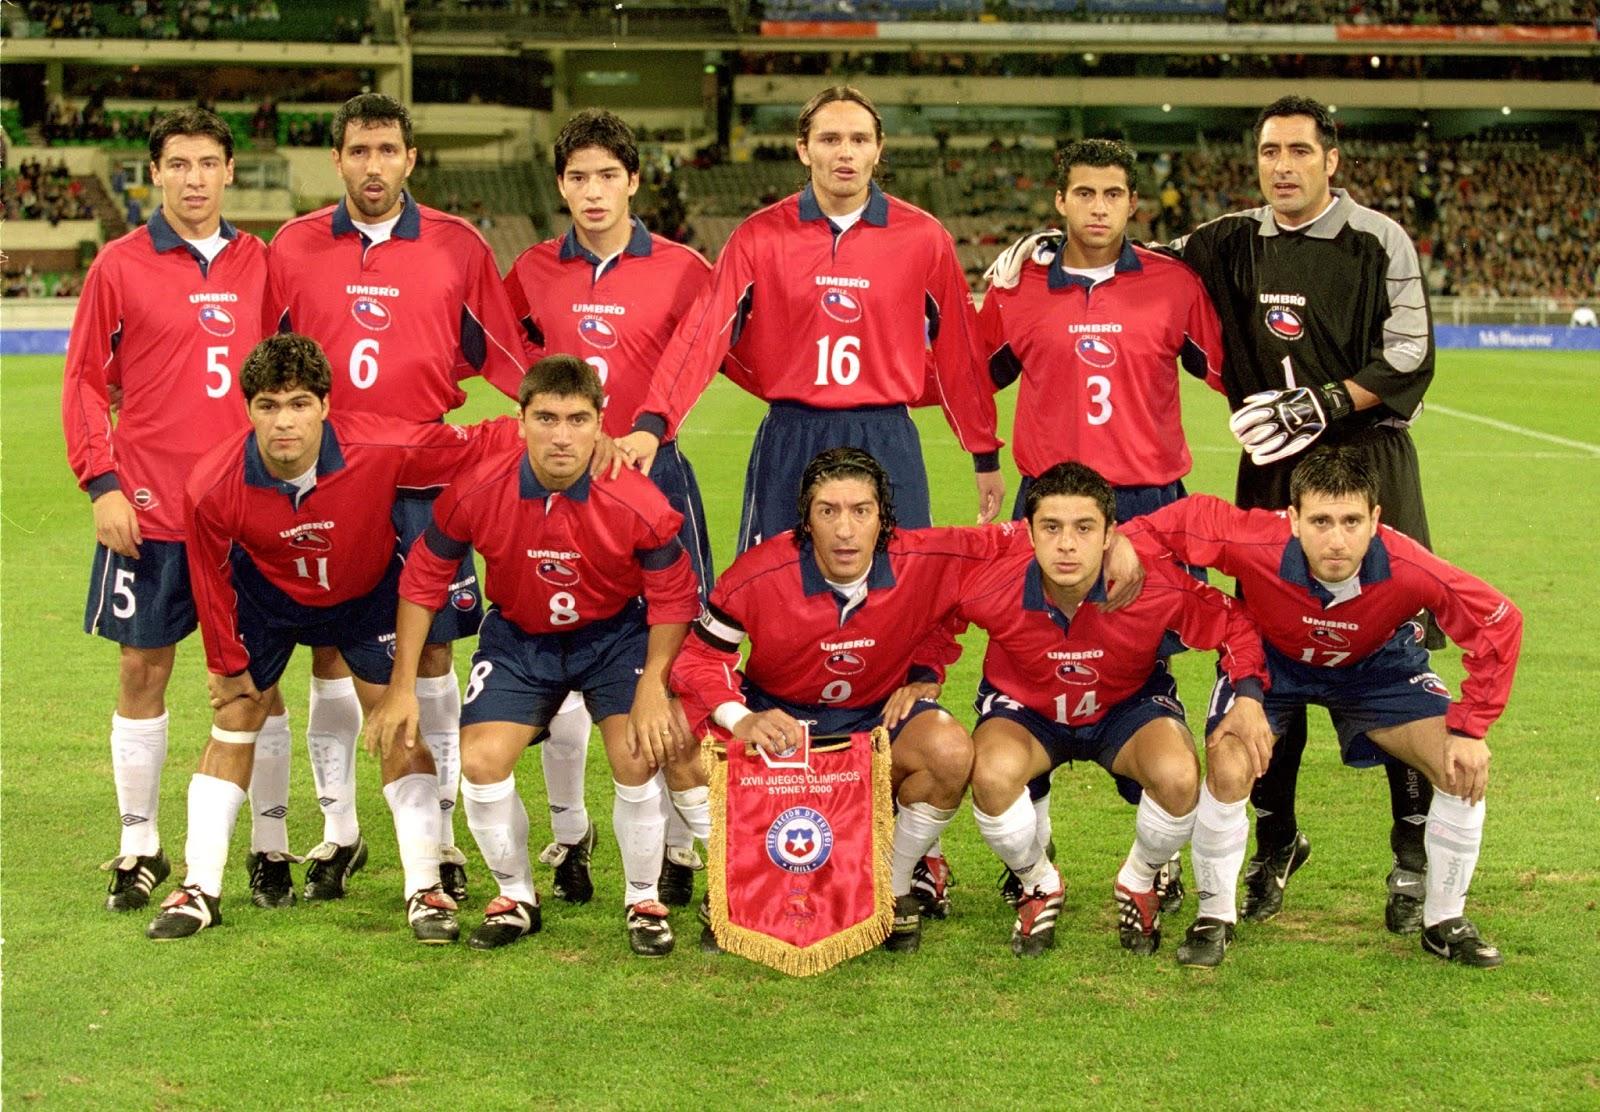 Formación de Chile ante Nigeria, Juegos Olímpicos Sídney 2000, 24 de septiembre